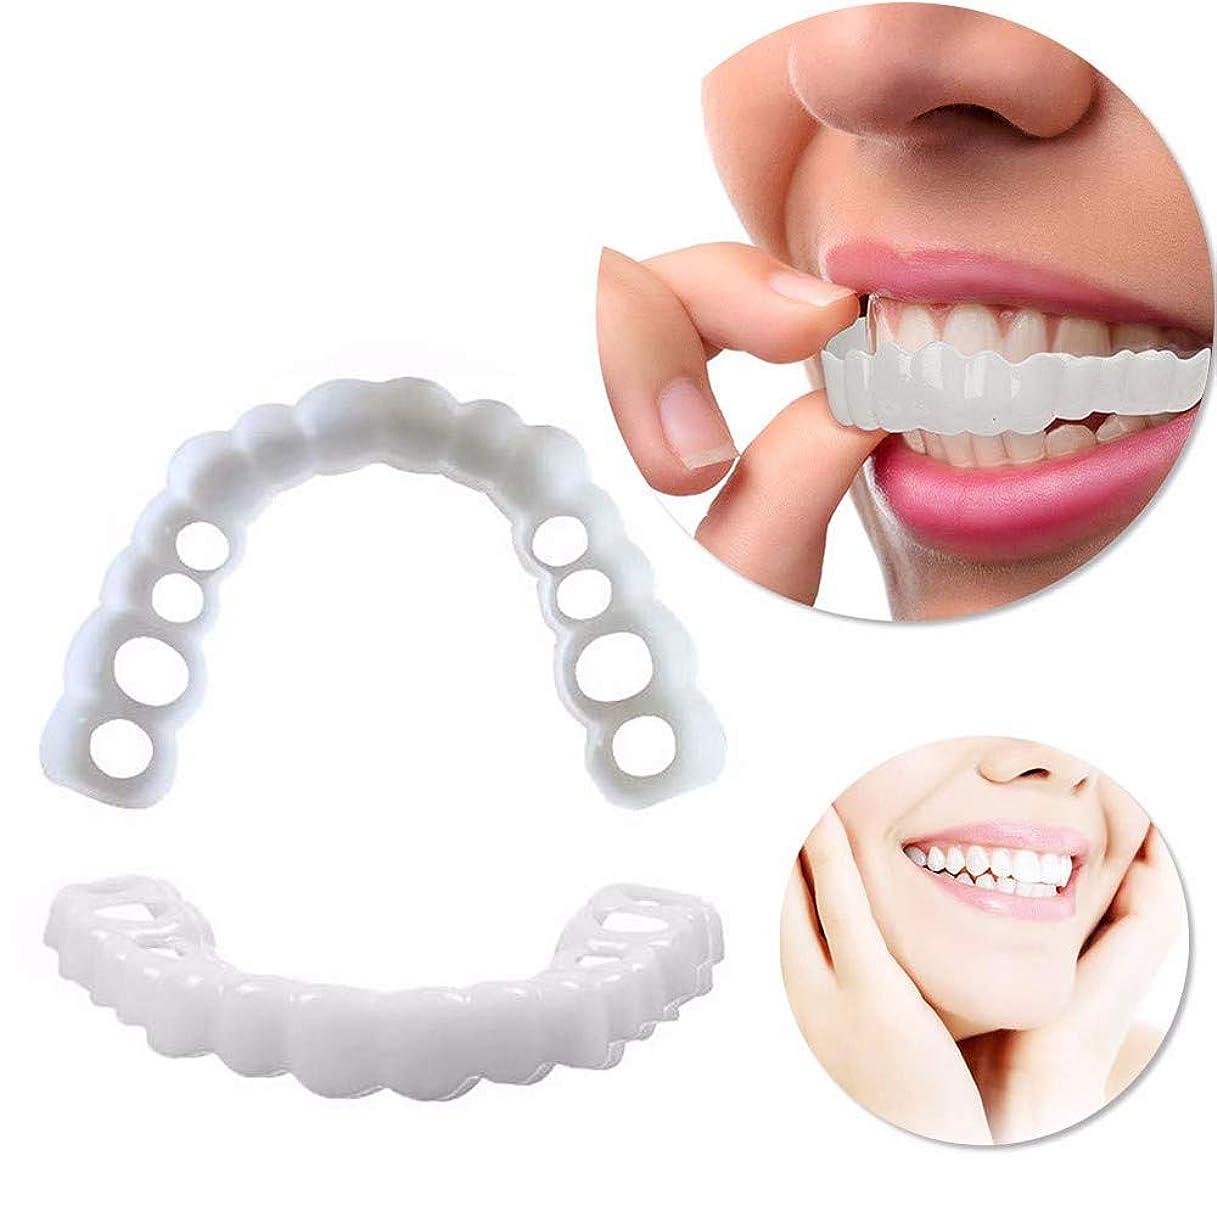 裸むさぼり食うひばり偽歯パーソナルケアベニアホワイトニングスマイルアップアンドダウンデンチャー義歯新しいスマイリーフェイス修正悪い歯歯ボタン,4pairs